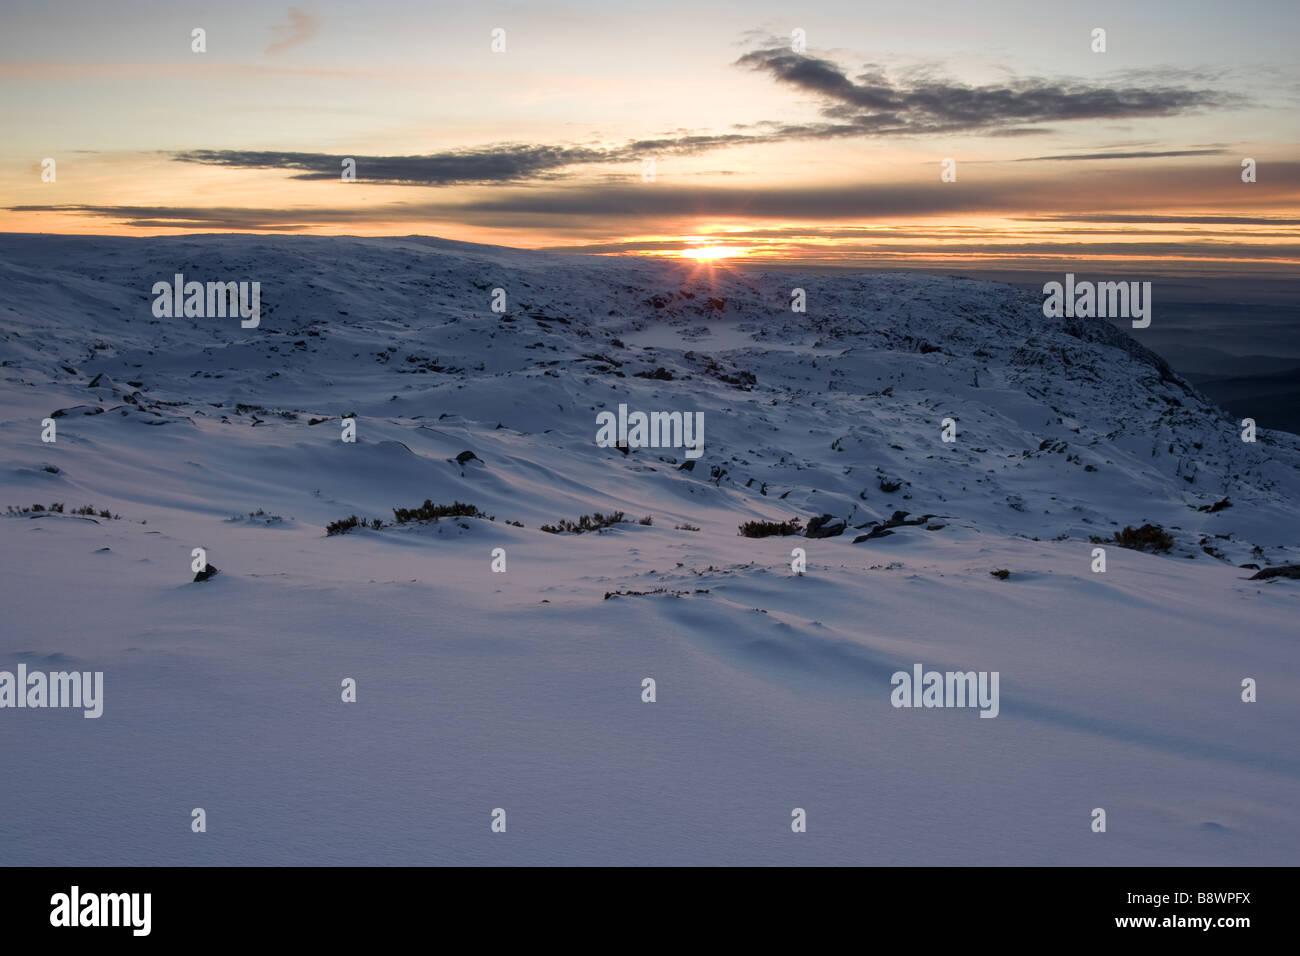 Winter sunset on the mountain Stock Photo